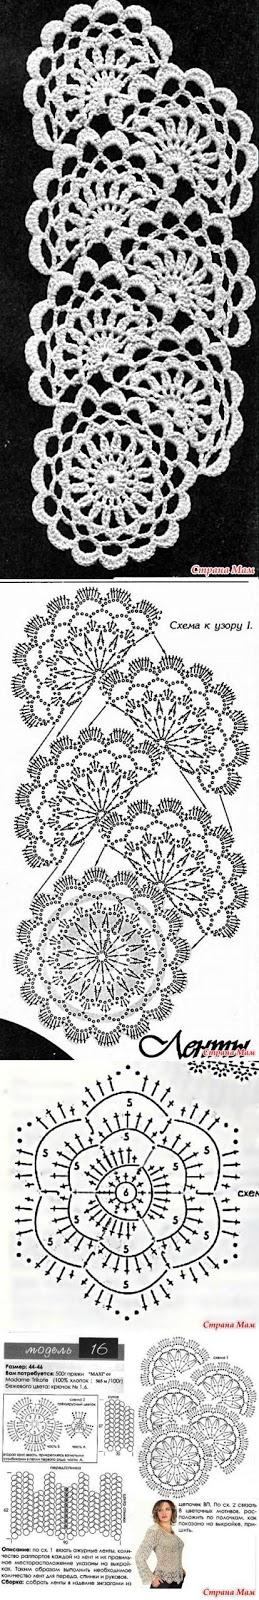 wzor motywu do bluzki szydelkiem